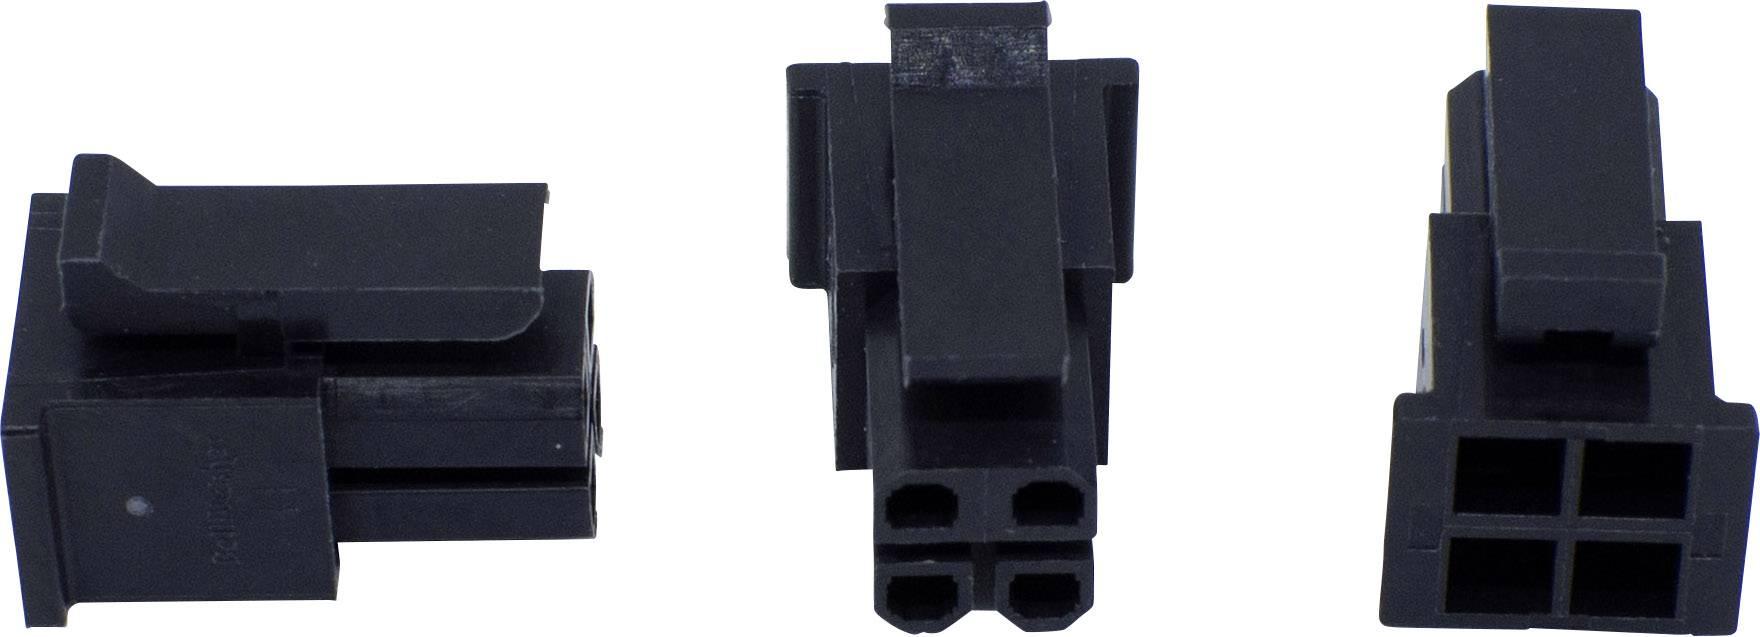 Zásuvkový konektor na kabel BellWether 70093-1600, pólů 16, rozteč 3 mm, 1 ks